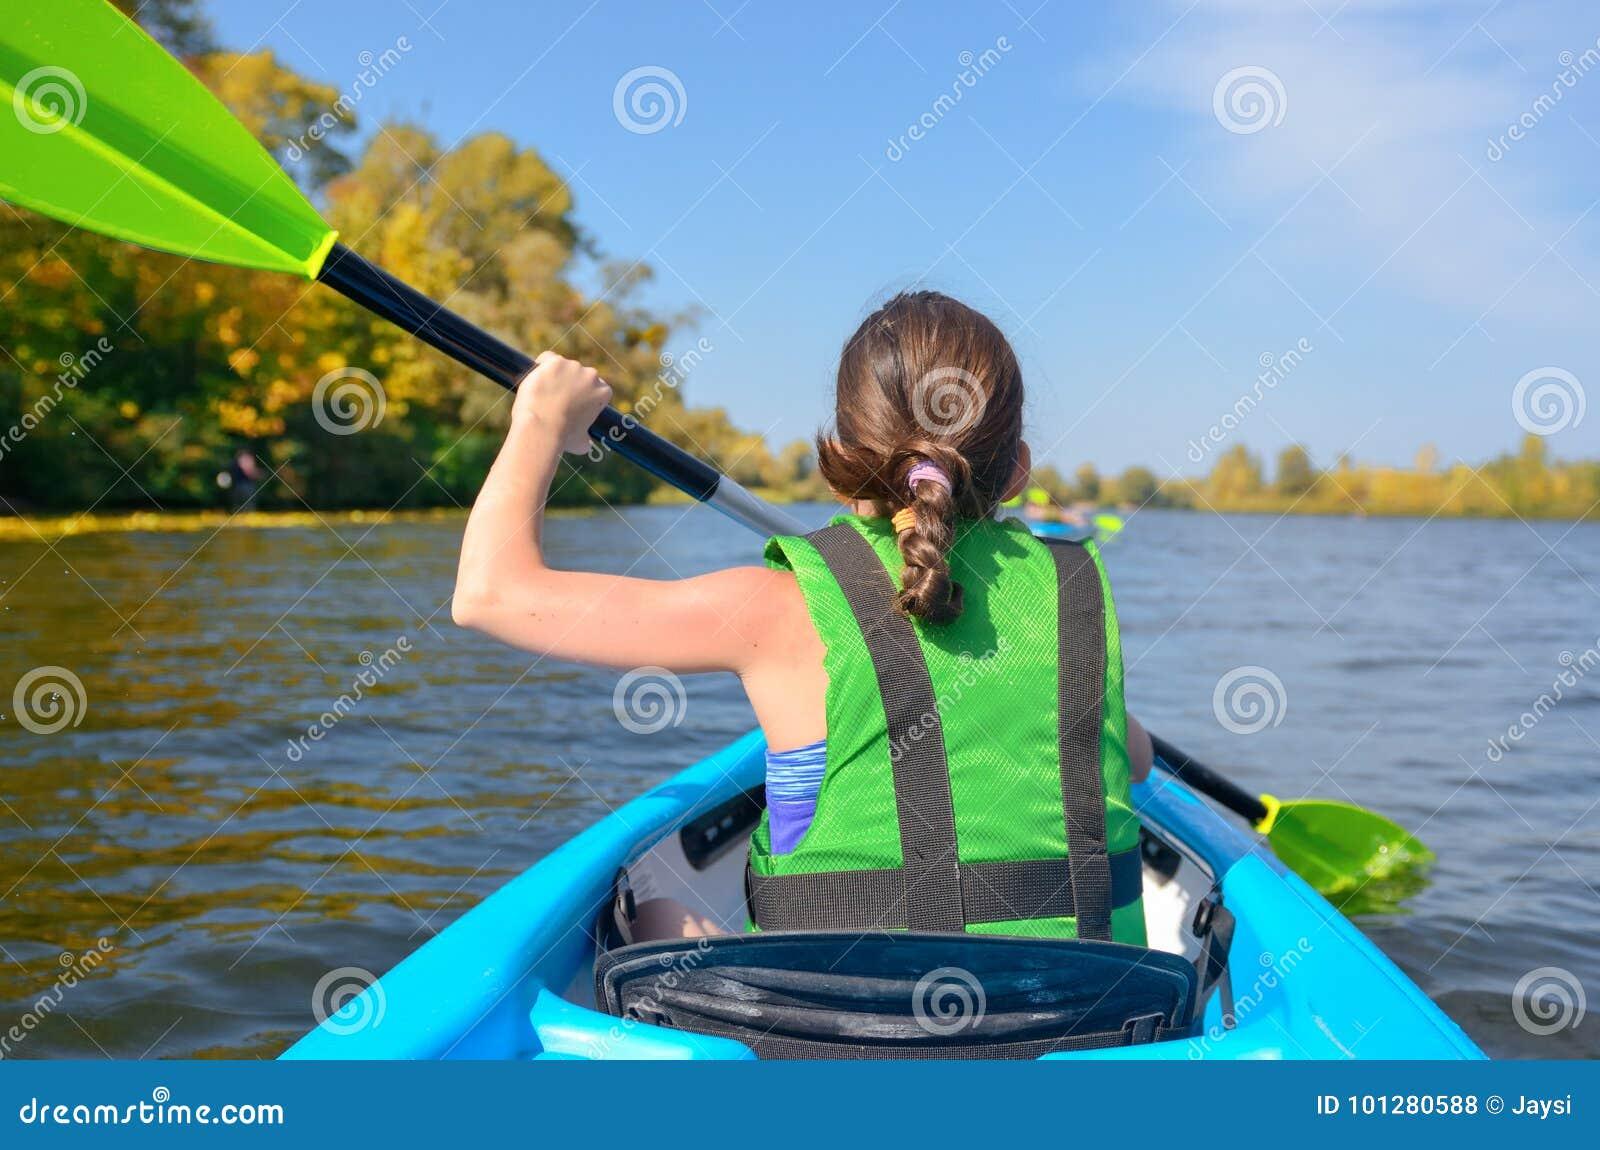 Kayak, bambino che remano in kajak durante il giro della canoa del fiume, bambino sul fine settimana attivo di autunno e vacanza